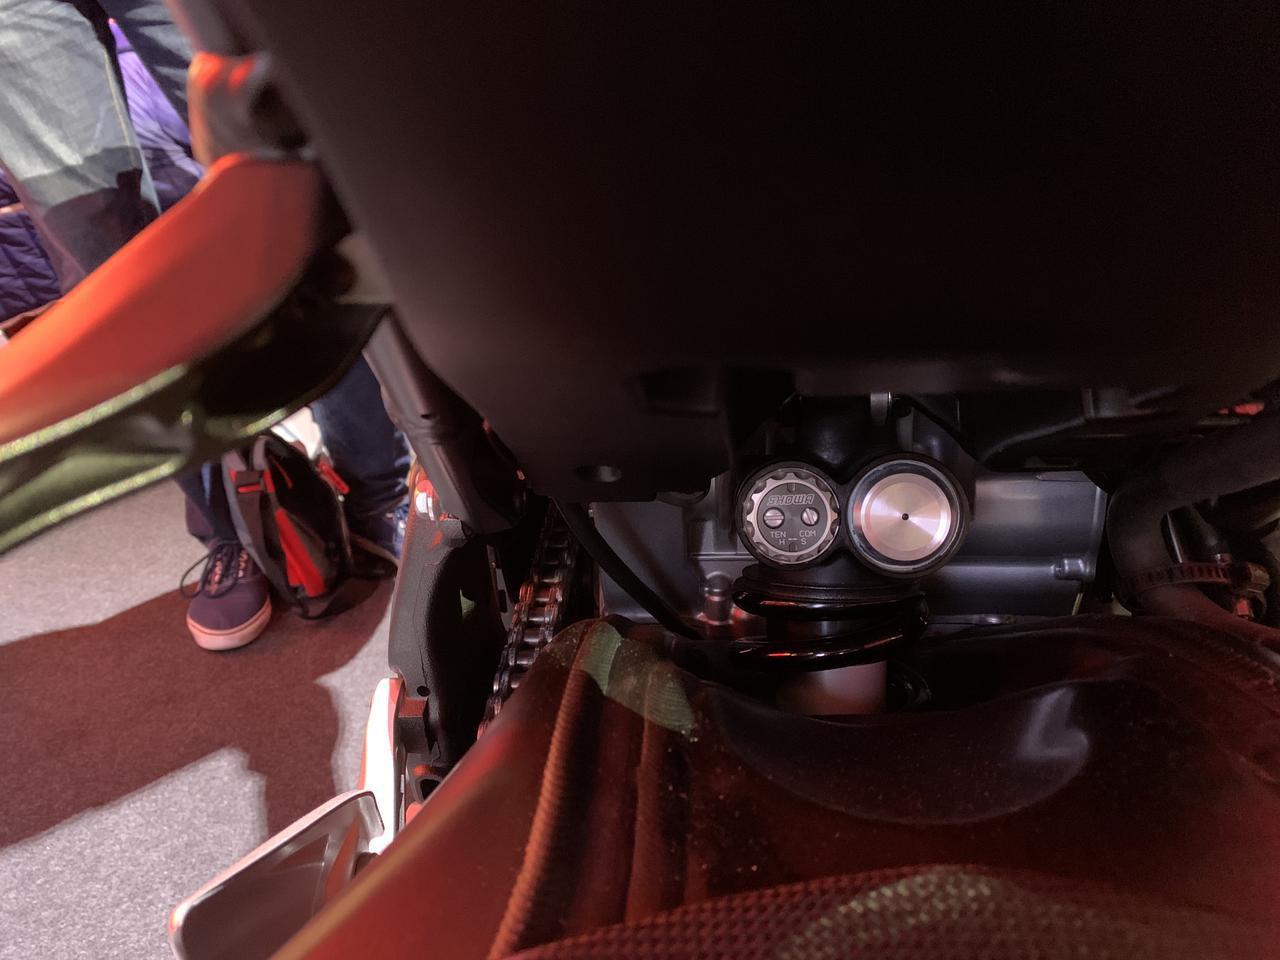 【EICMA 2019速報!】最新技術で走りはどう変わったのか?217.6PSの「CBR1000RR-R」を徹底解説!(2)メカニズム編